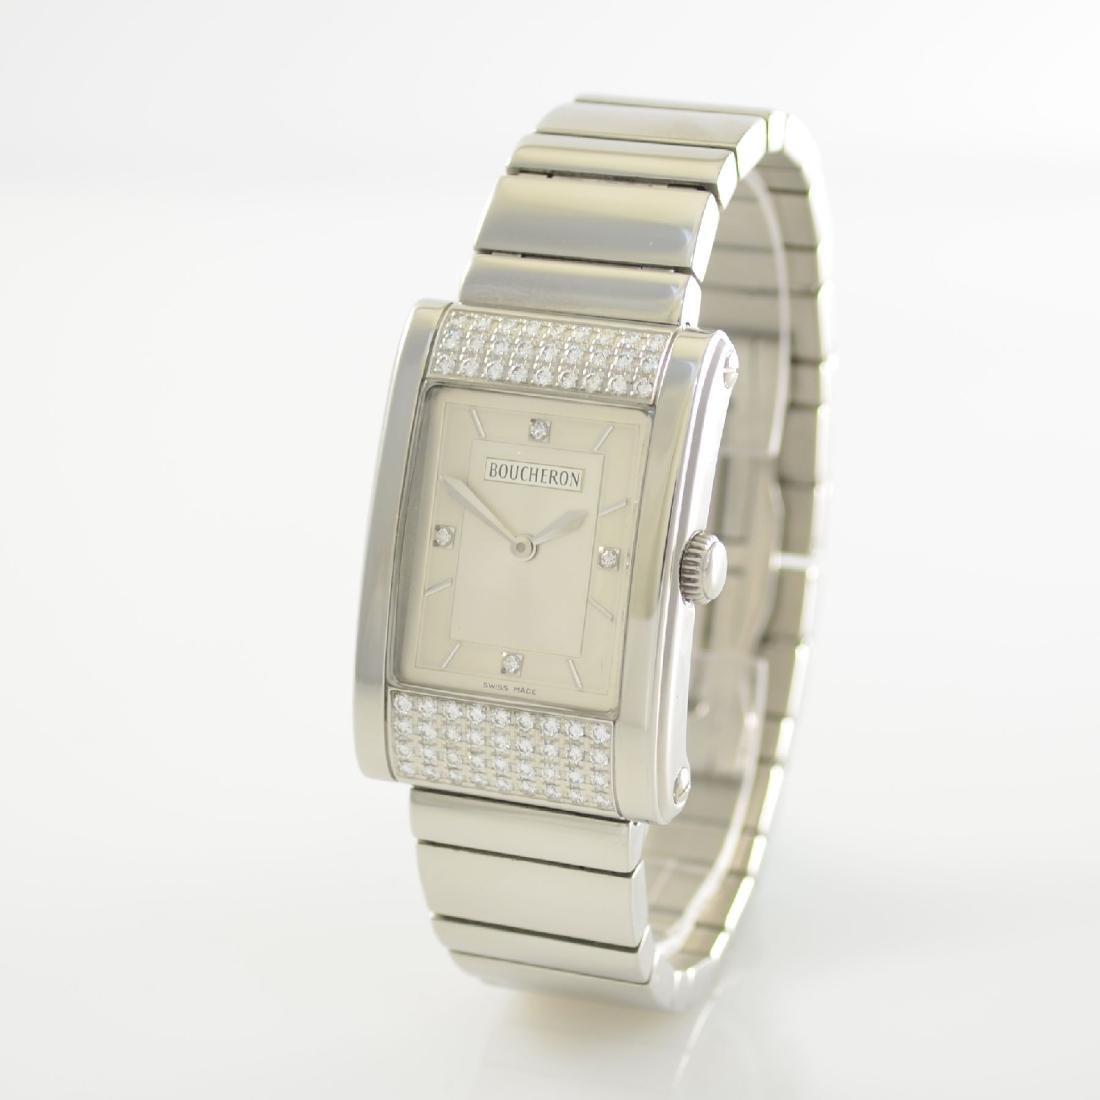 BOUCHERON ladies wristwatch series Reflet - 3